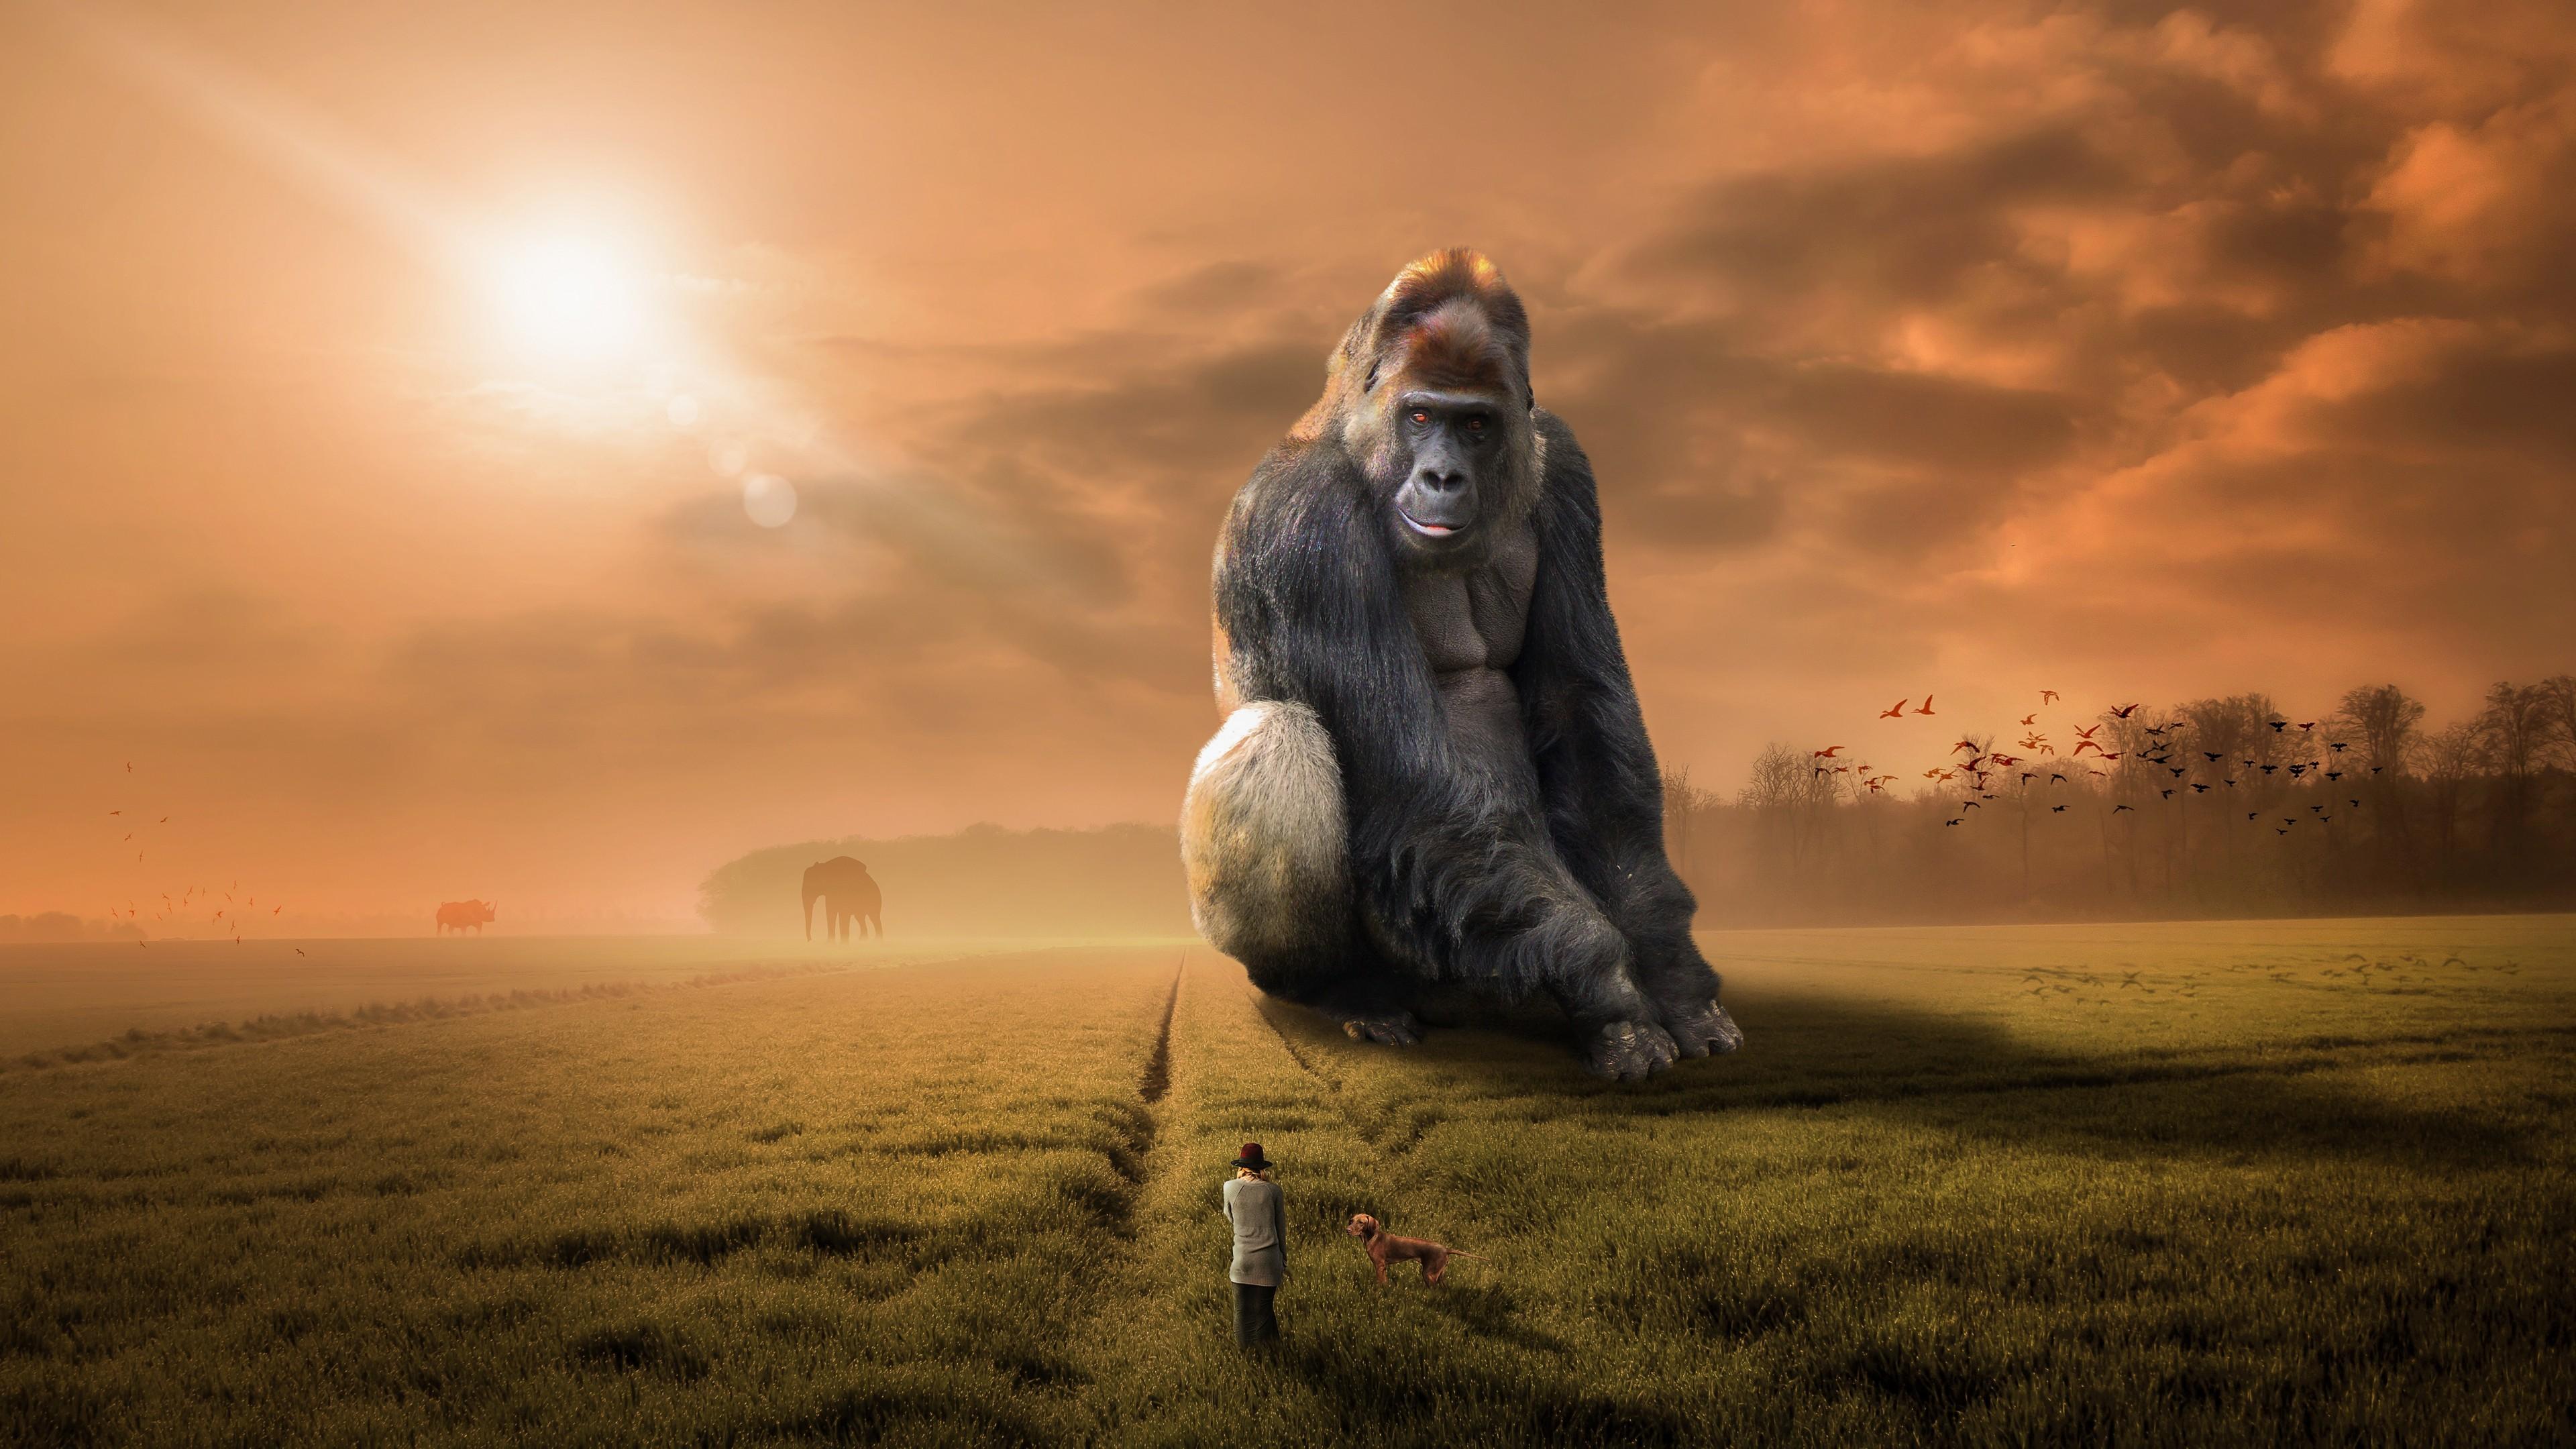 Крупная горилла на зеленом лугу в отблесках солнечных лучей